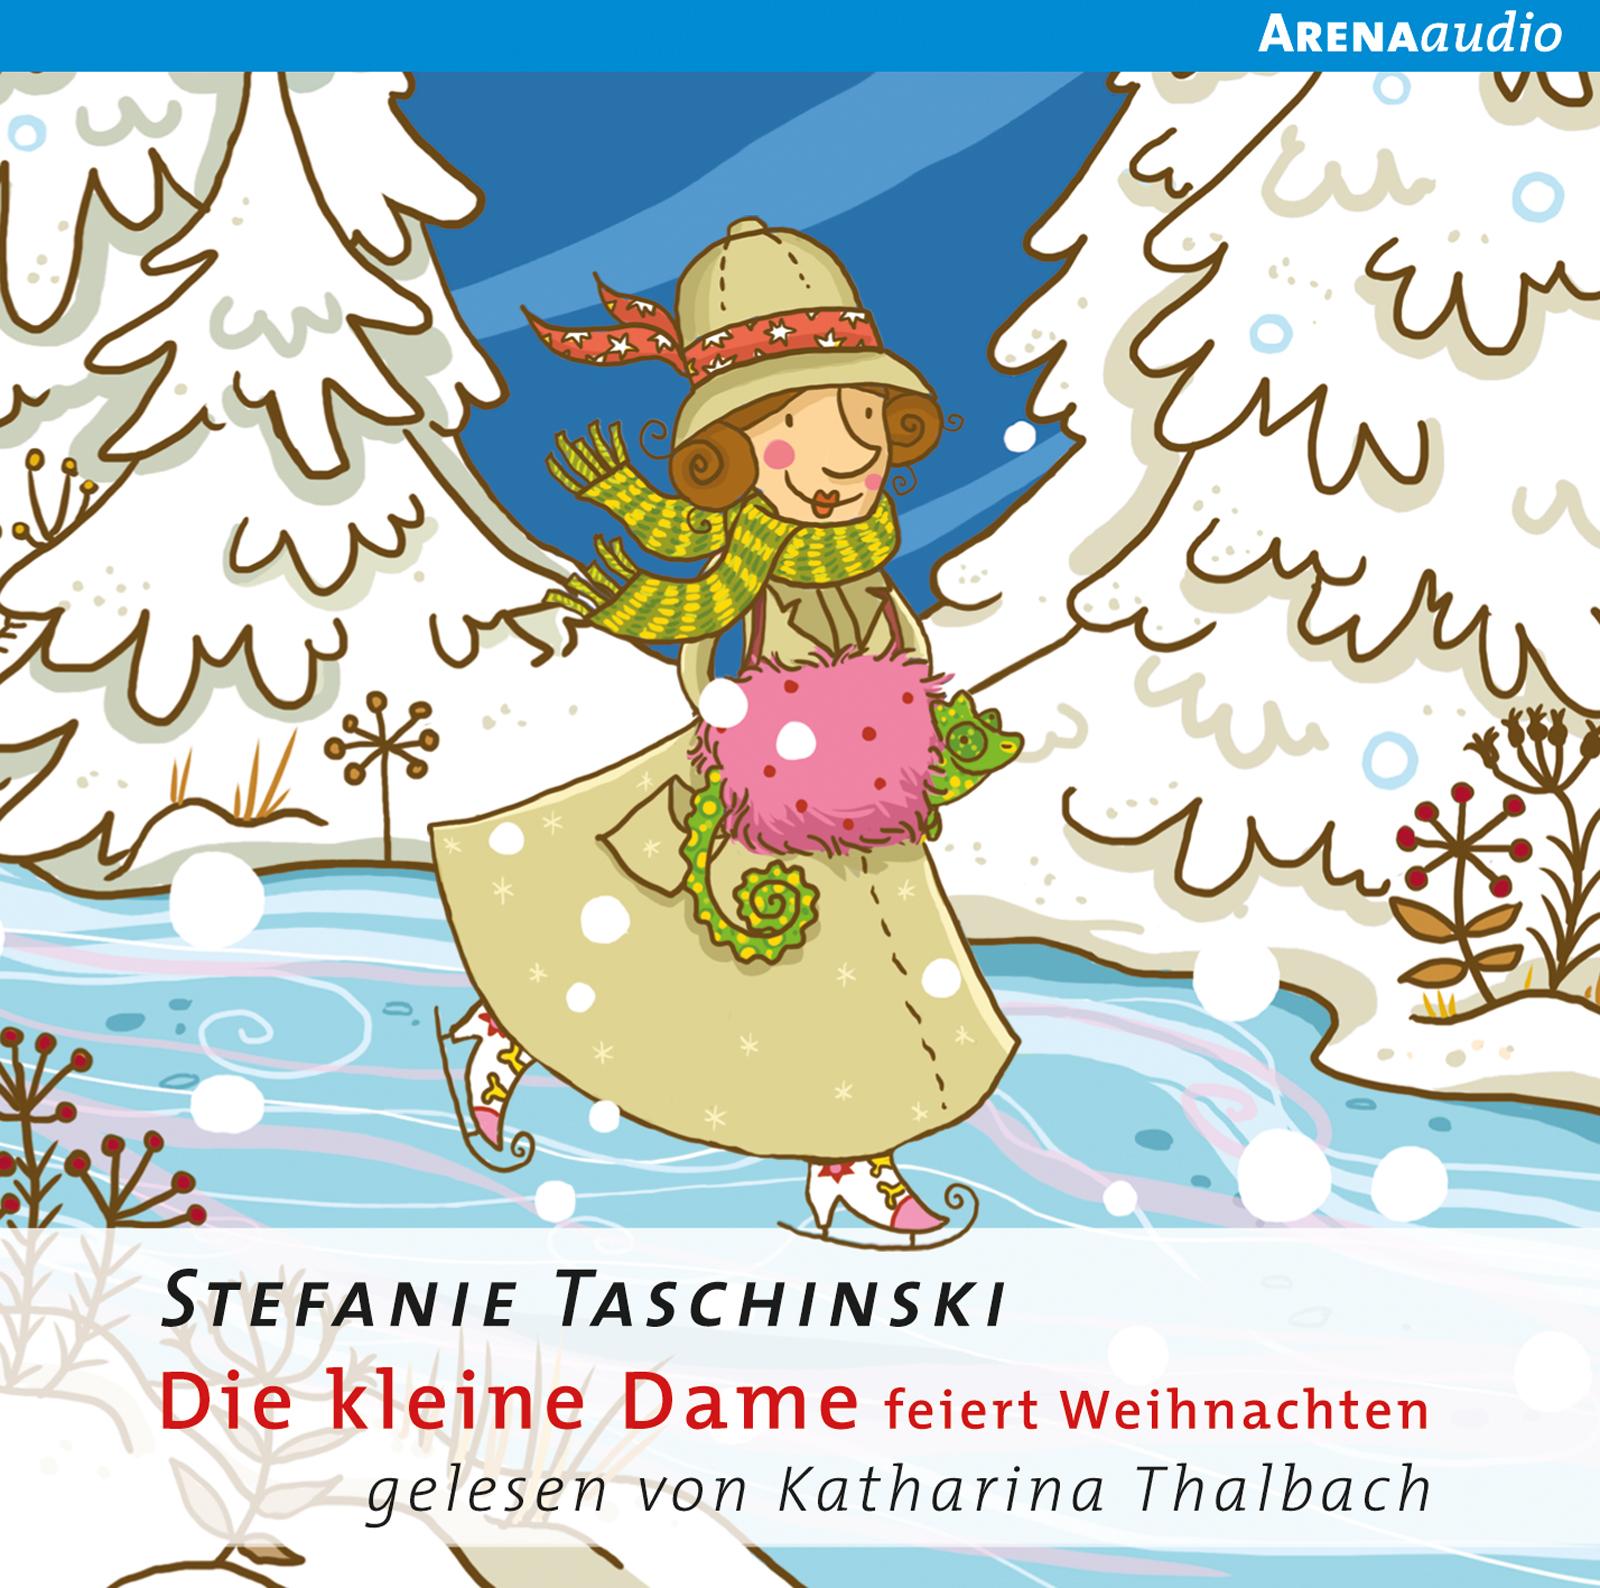 Stefanie-Taschinski-Die-kleine-Dame-feiert-Weihnachten-9783401269016